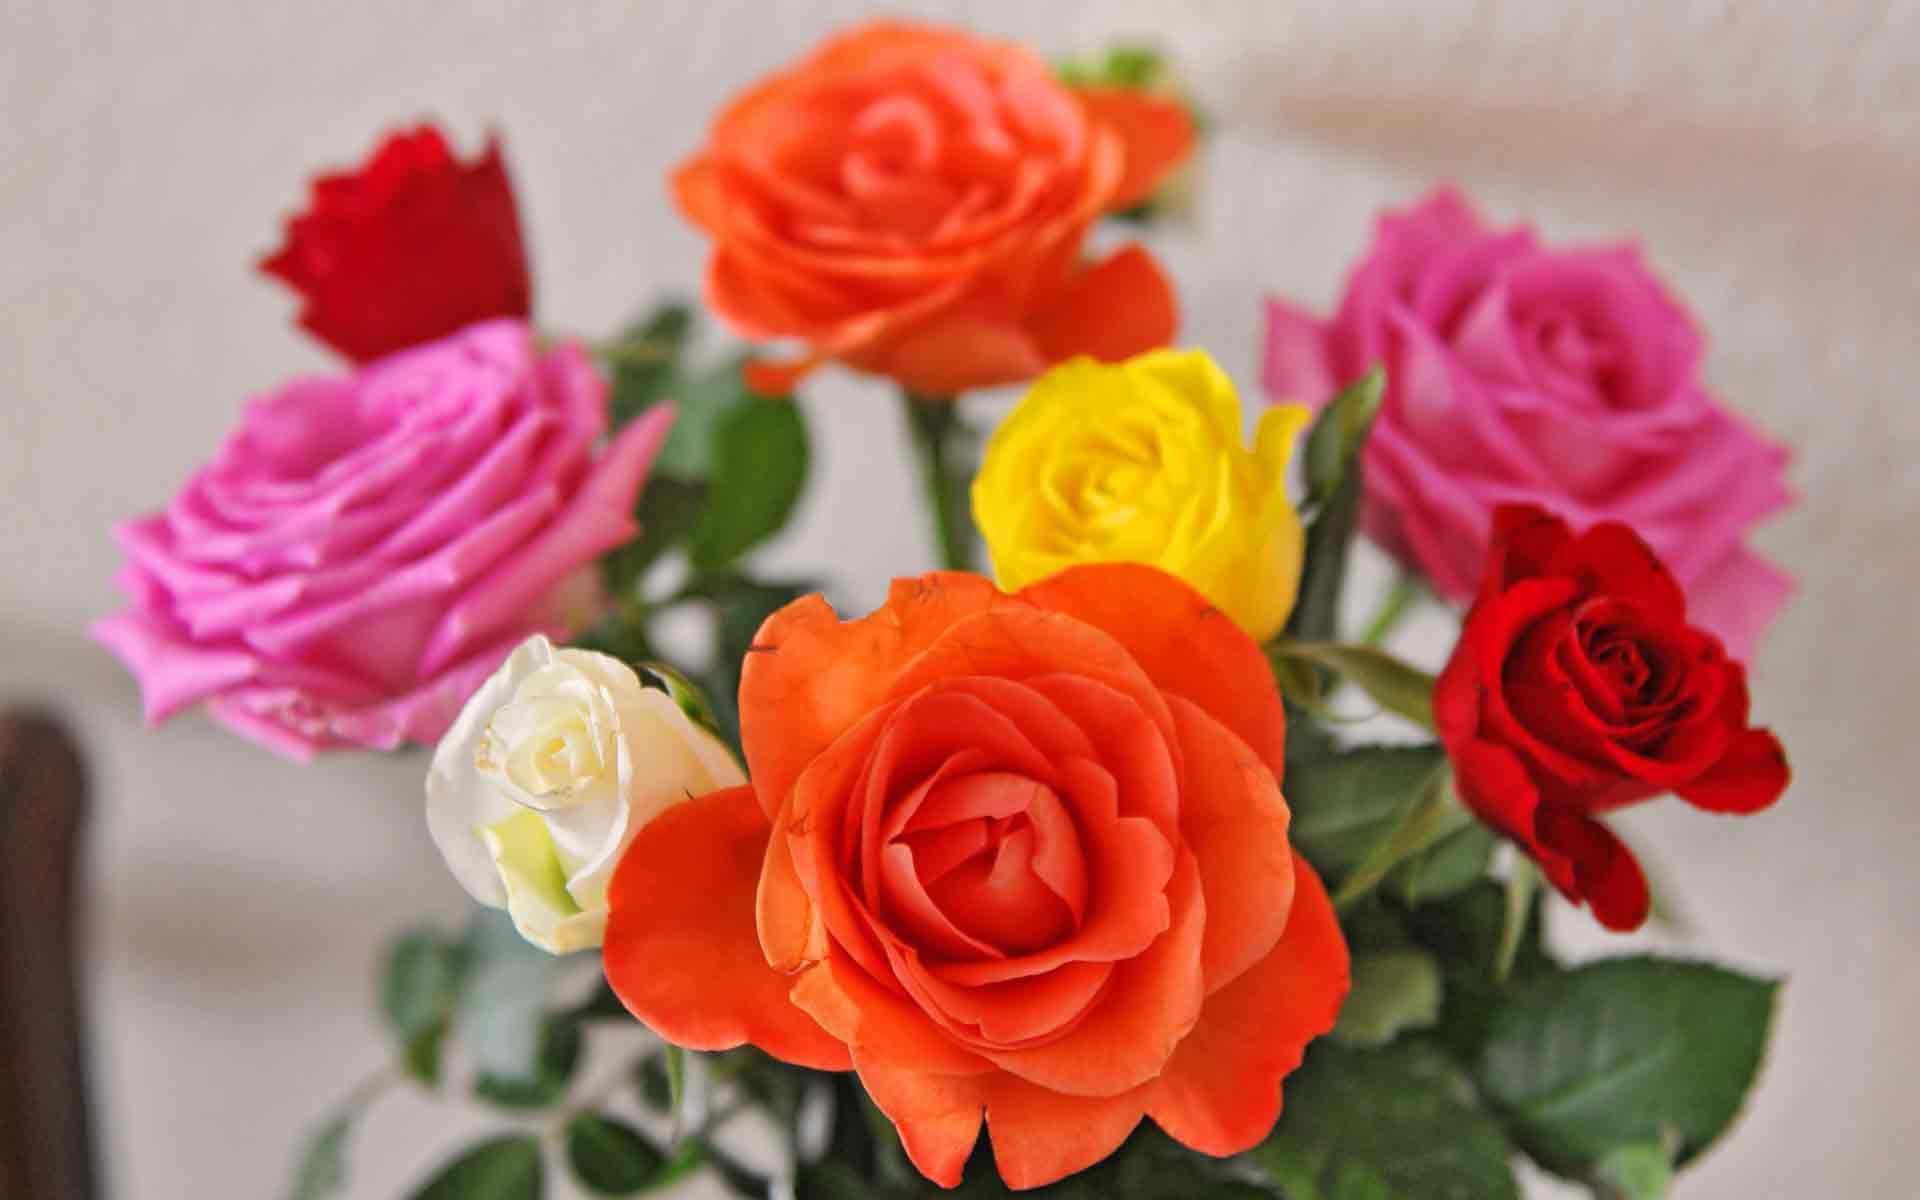 Букеты цветов фото красивые, качественные и оригинальные 43